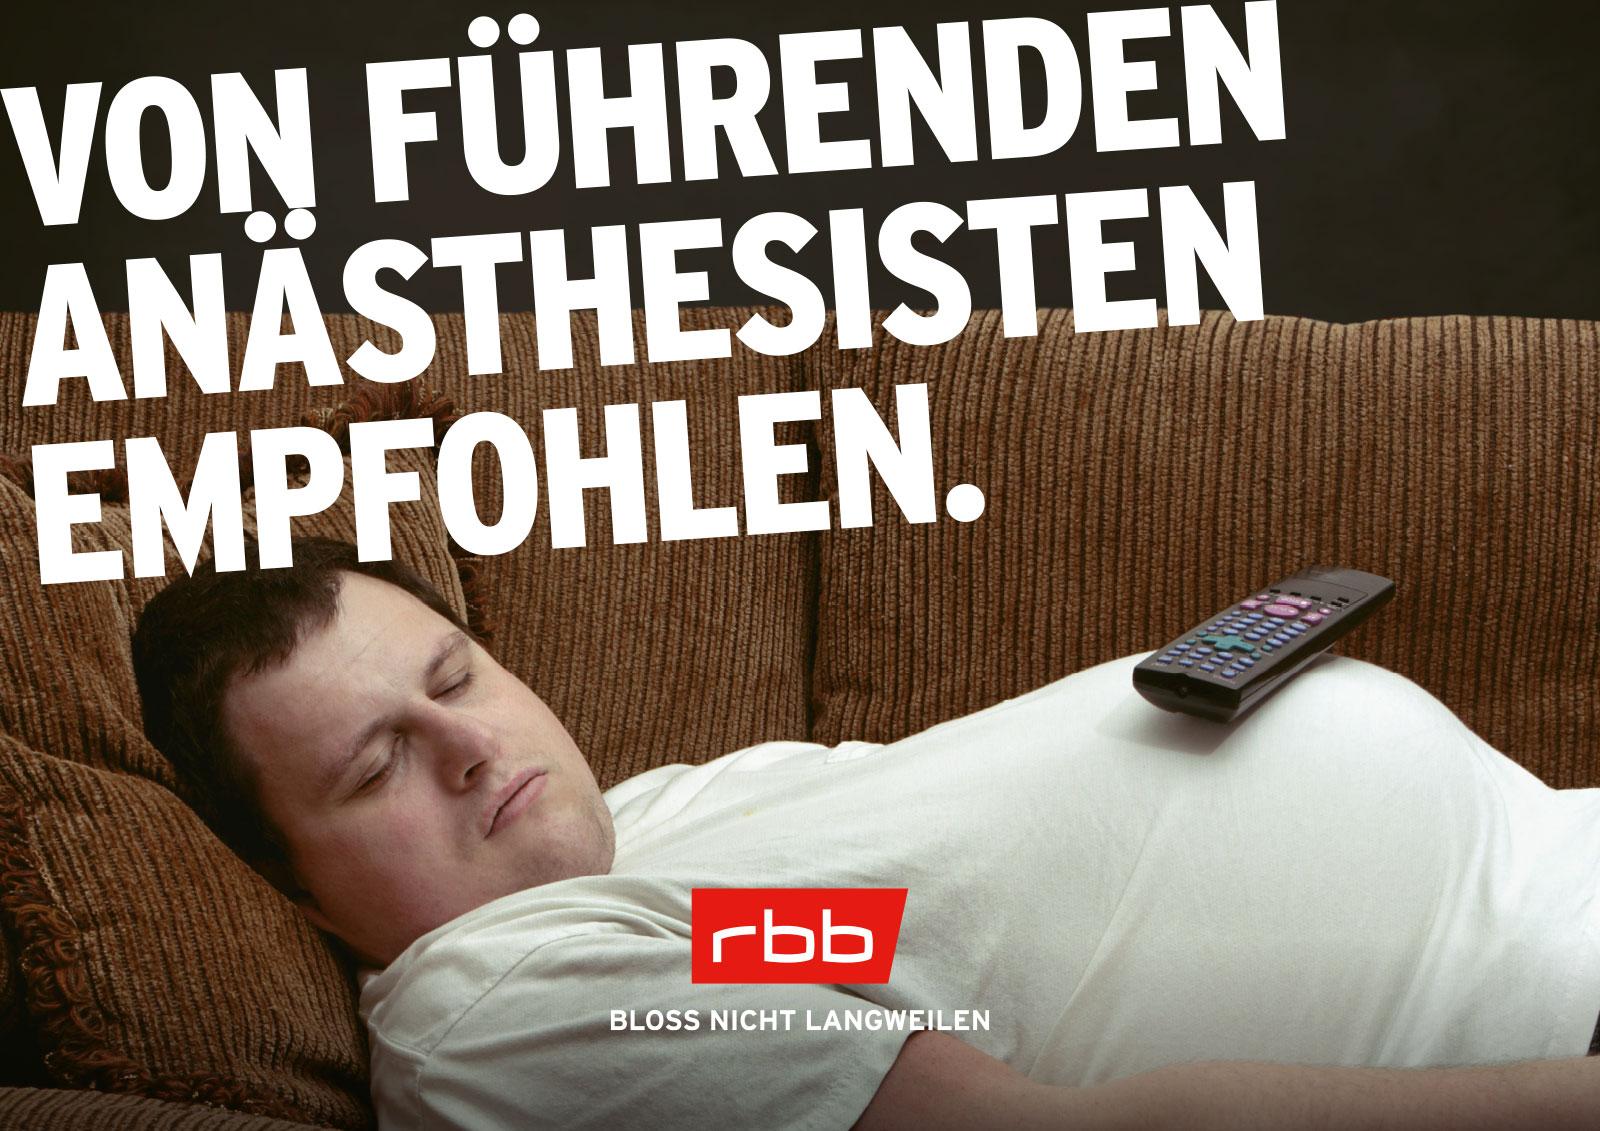 RBB_170823_Teaser_A2quer_RZ-2